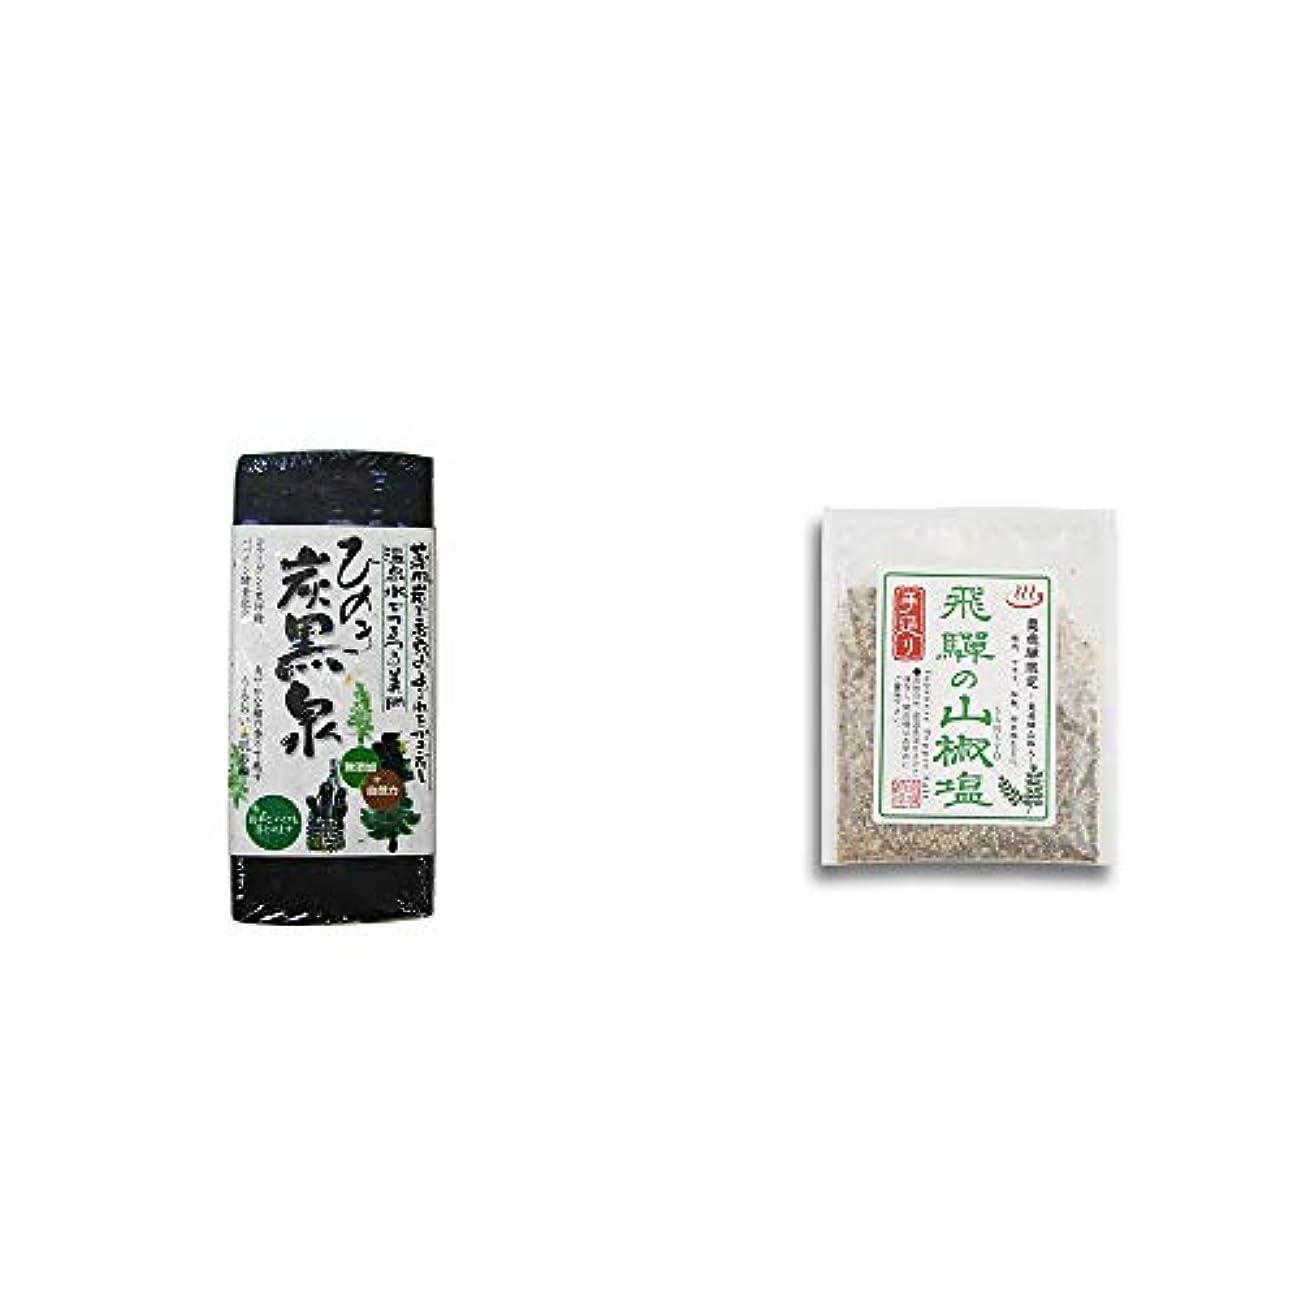 モックトラック生産性[2点セット] ひのき炭黒泉(75g×2)?手造り 飛騨の山椒塩(40g)